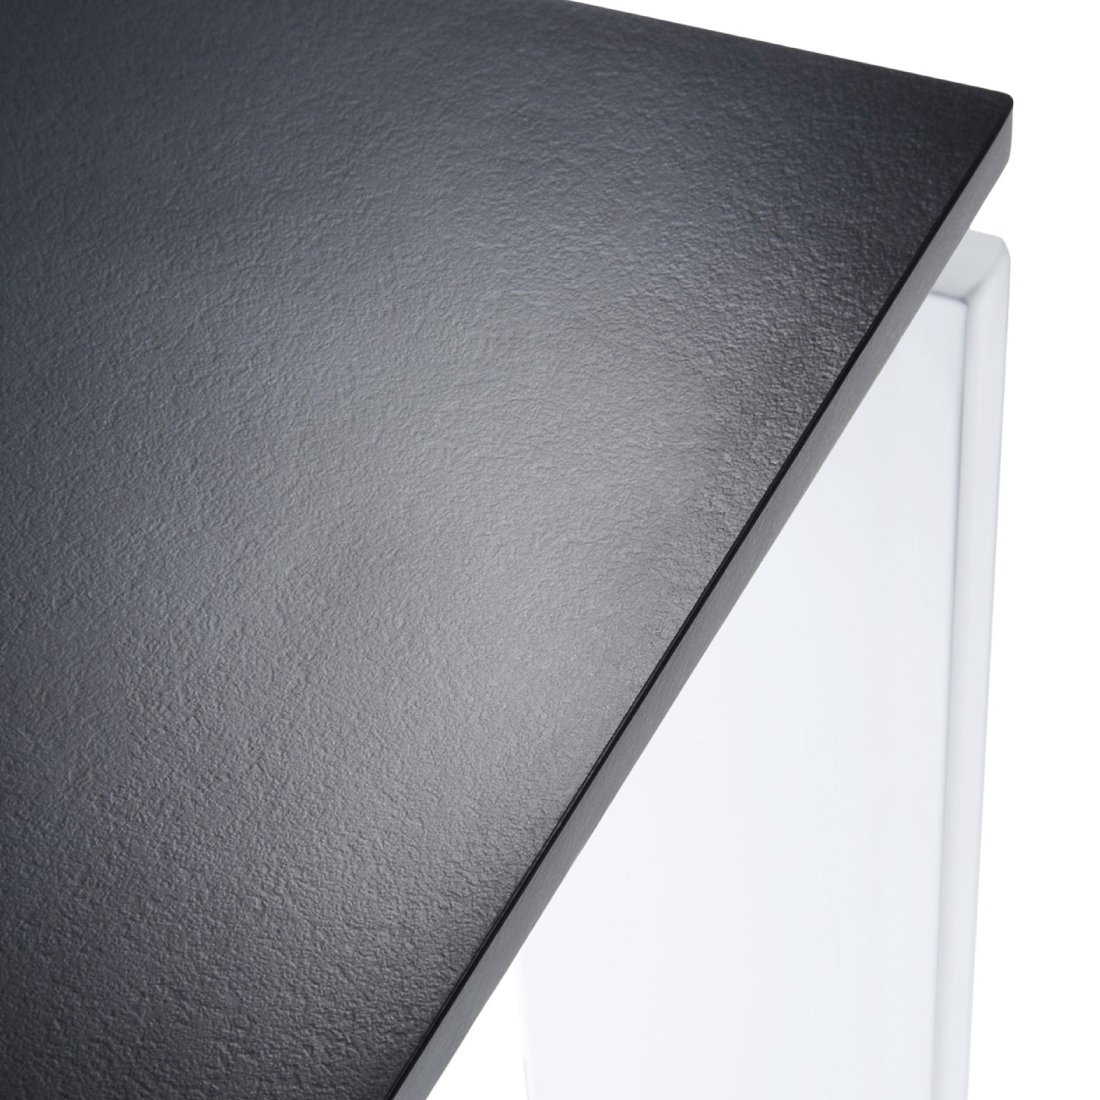 Kartell Four Eettafel 190 x 79 cm - Zwart - Wit